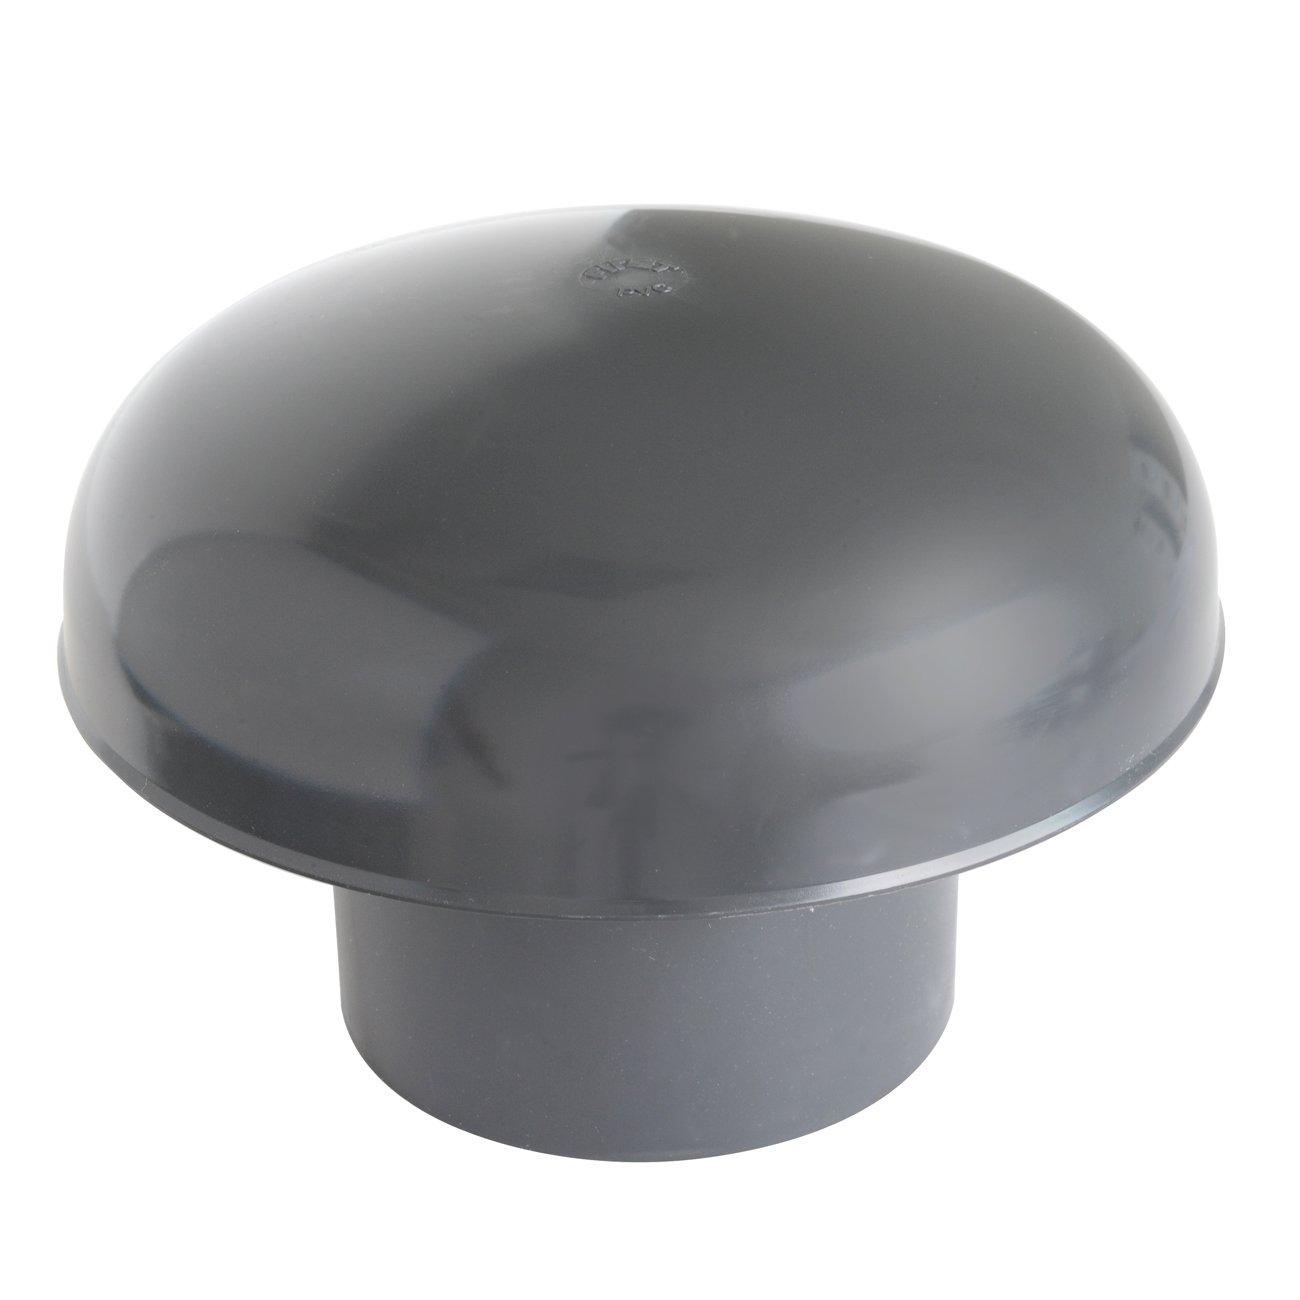 First Plast CDVM110A Cappello di Ventilazione Testa Esalatore, Nero, diametro 110 mm